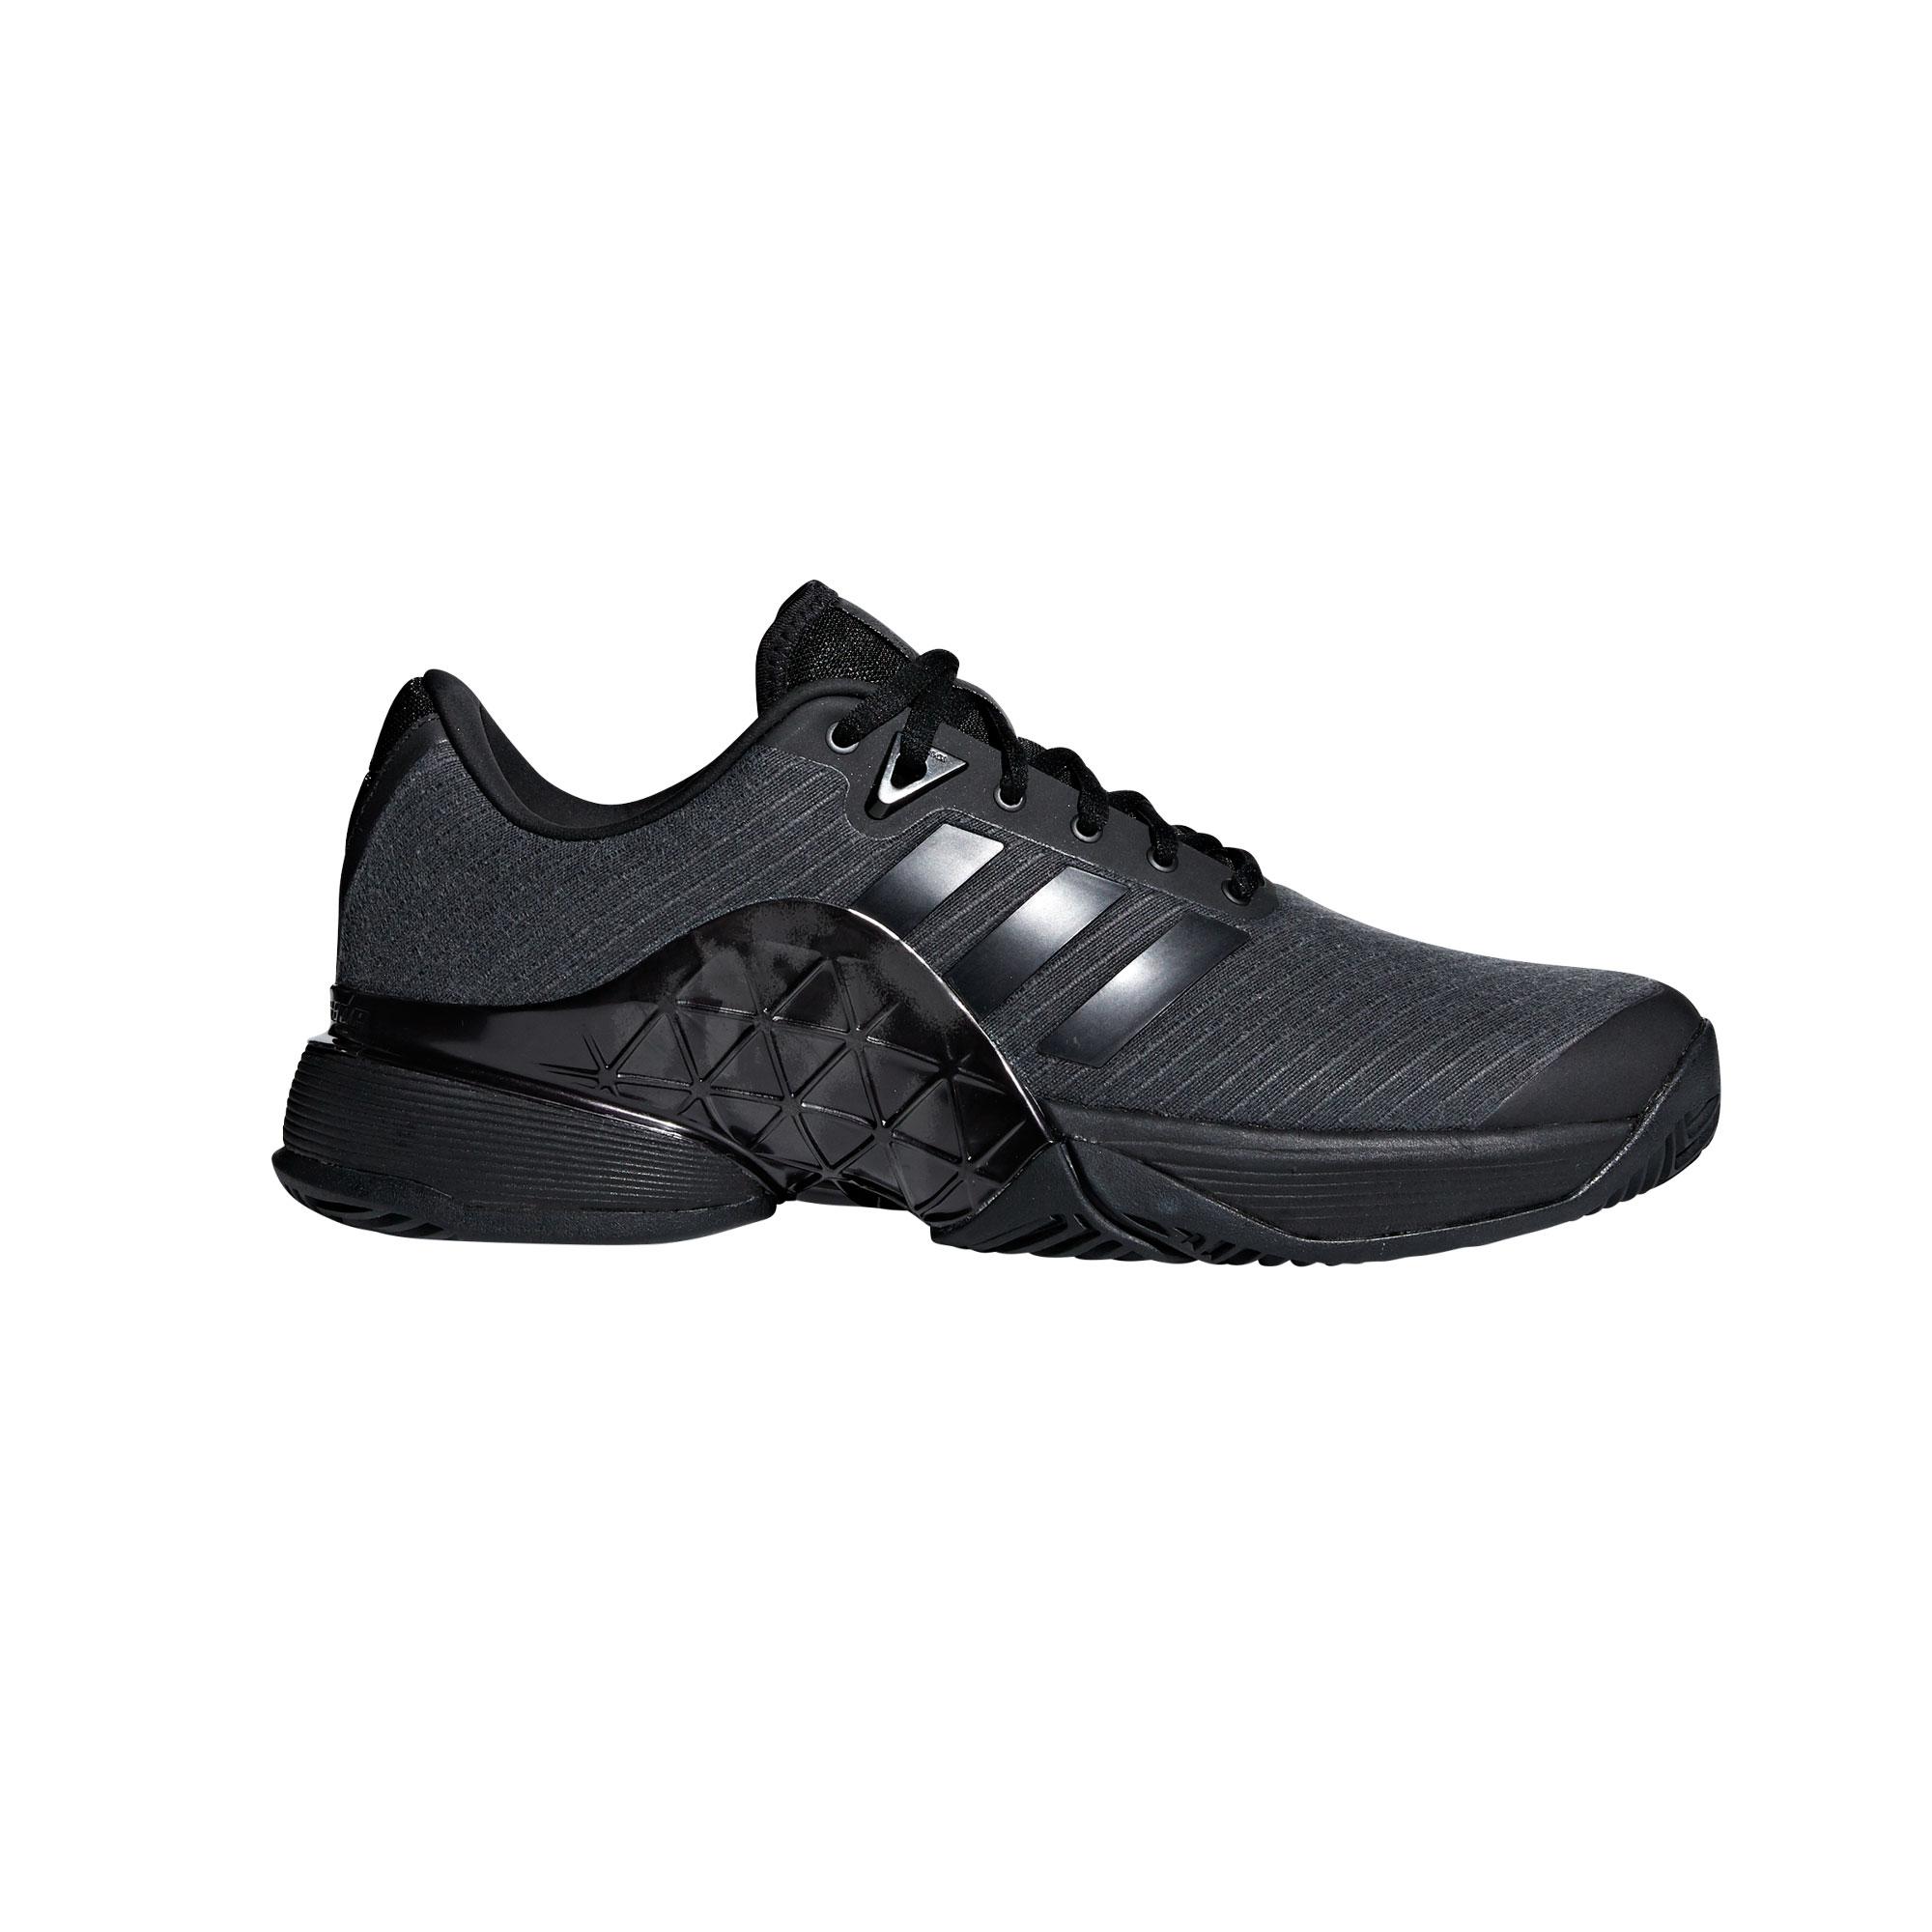 Afbeelding van Adidas Barricade 2018 LTD AC8804 Tennisschoenen Heren Black